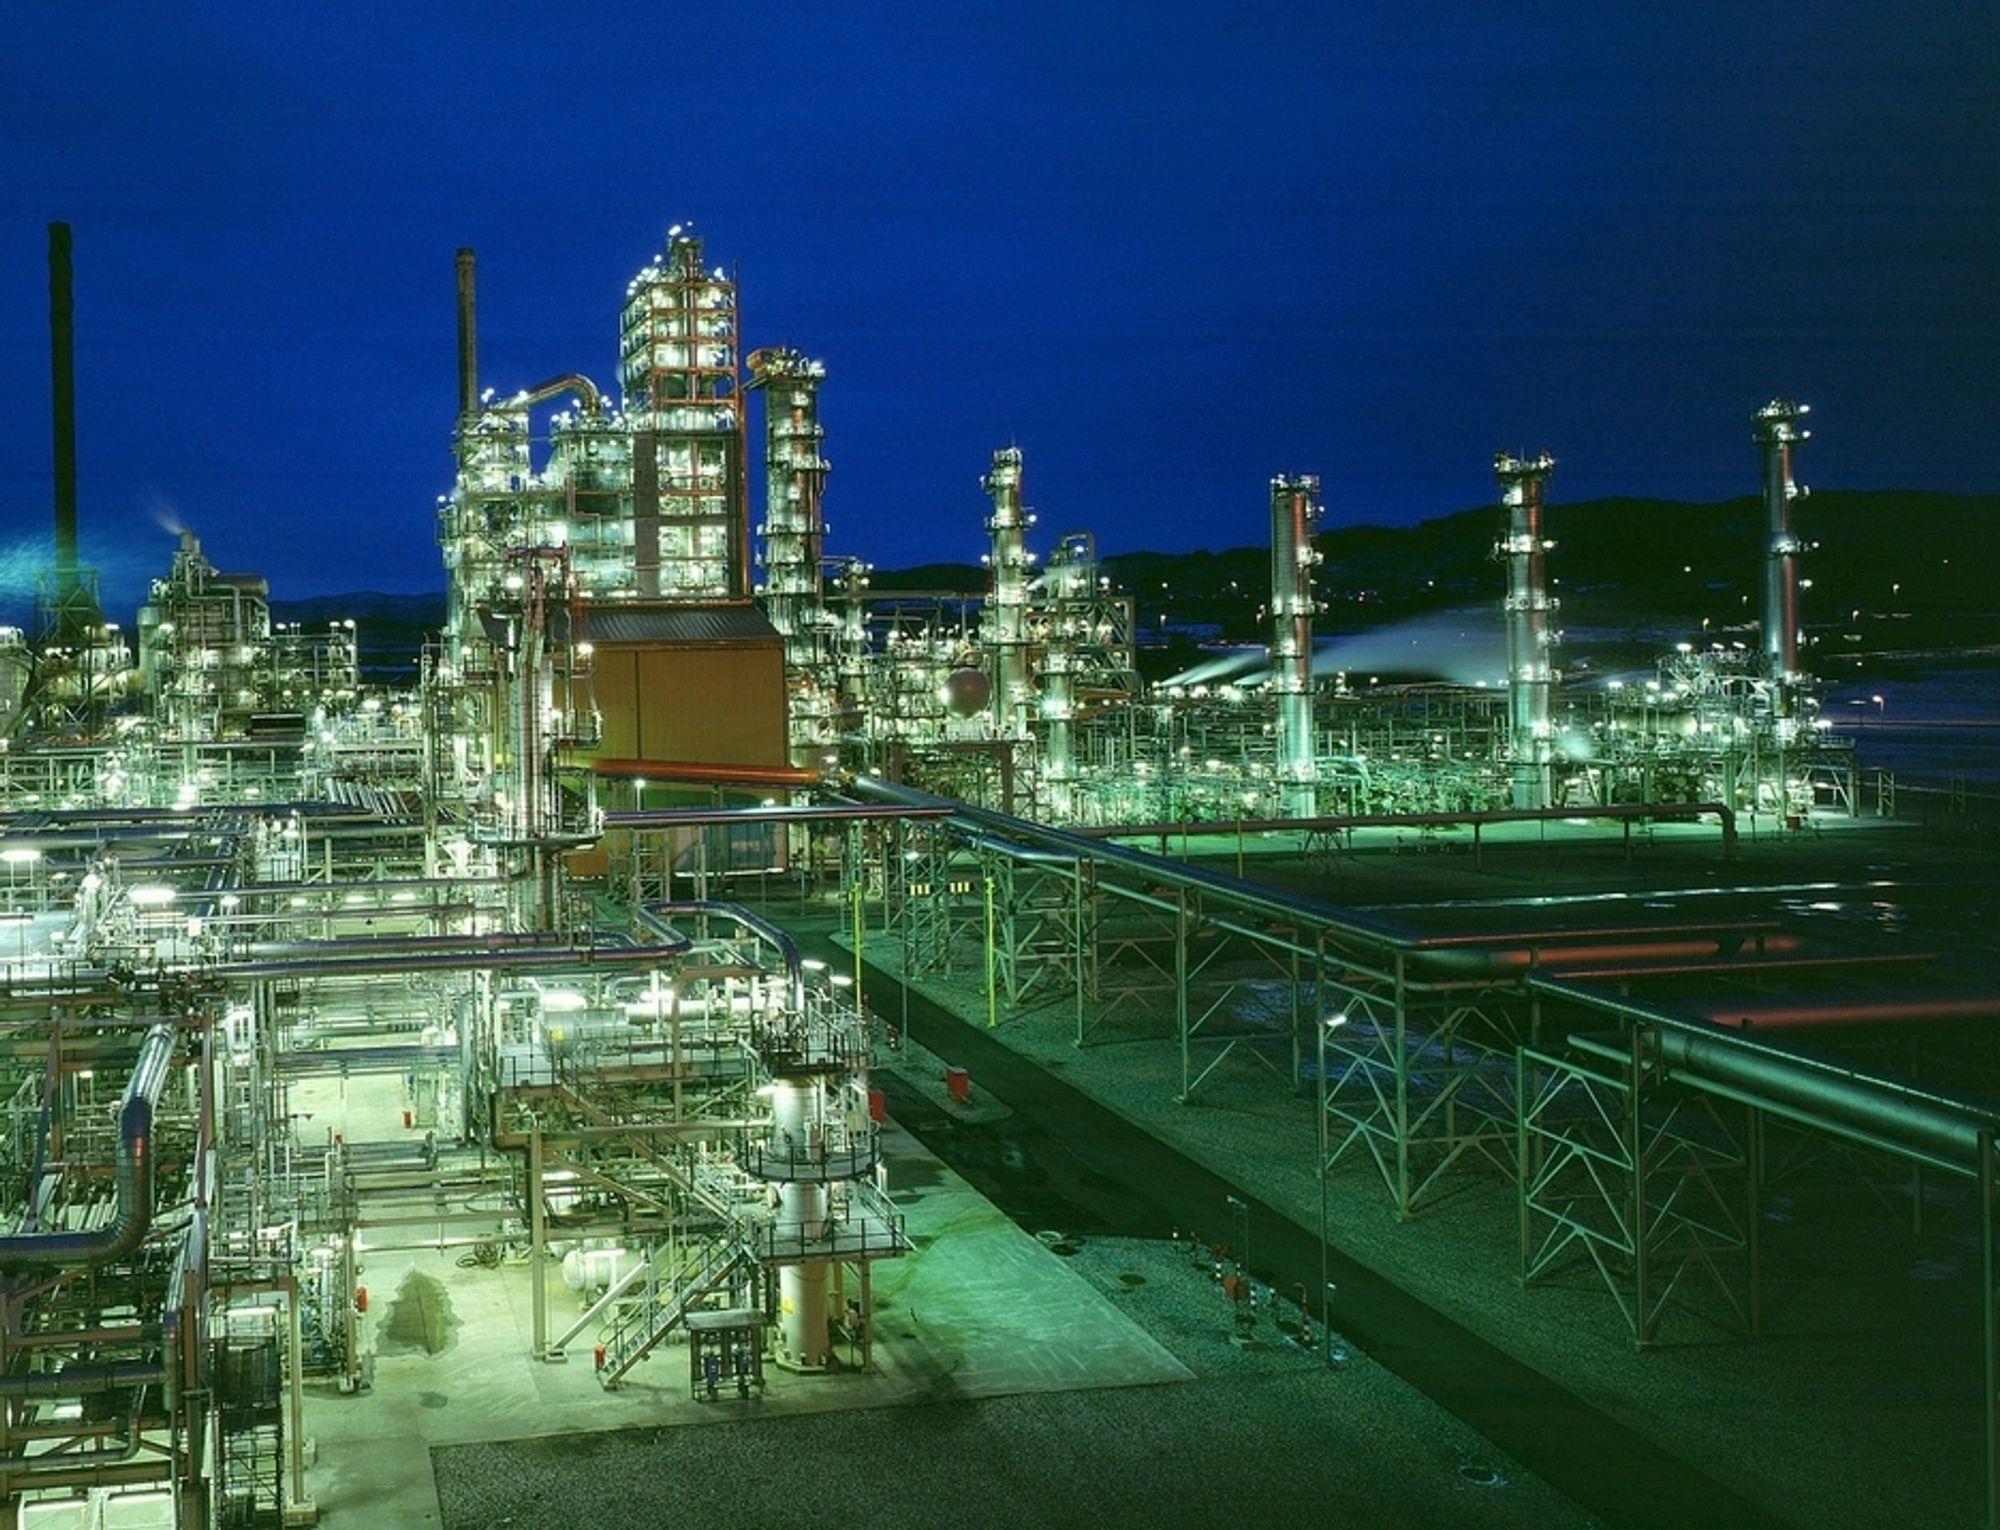 CO2-KVOTER: Statoils raffineri på Mongstad er ett av de tre anleggene der Statoil har kvoteforpliktelser de må oppfylle. Det gjør de blant annet ved å kjøpe CO2-kvoter i markedet.